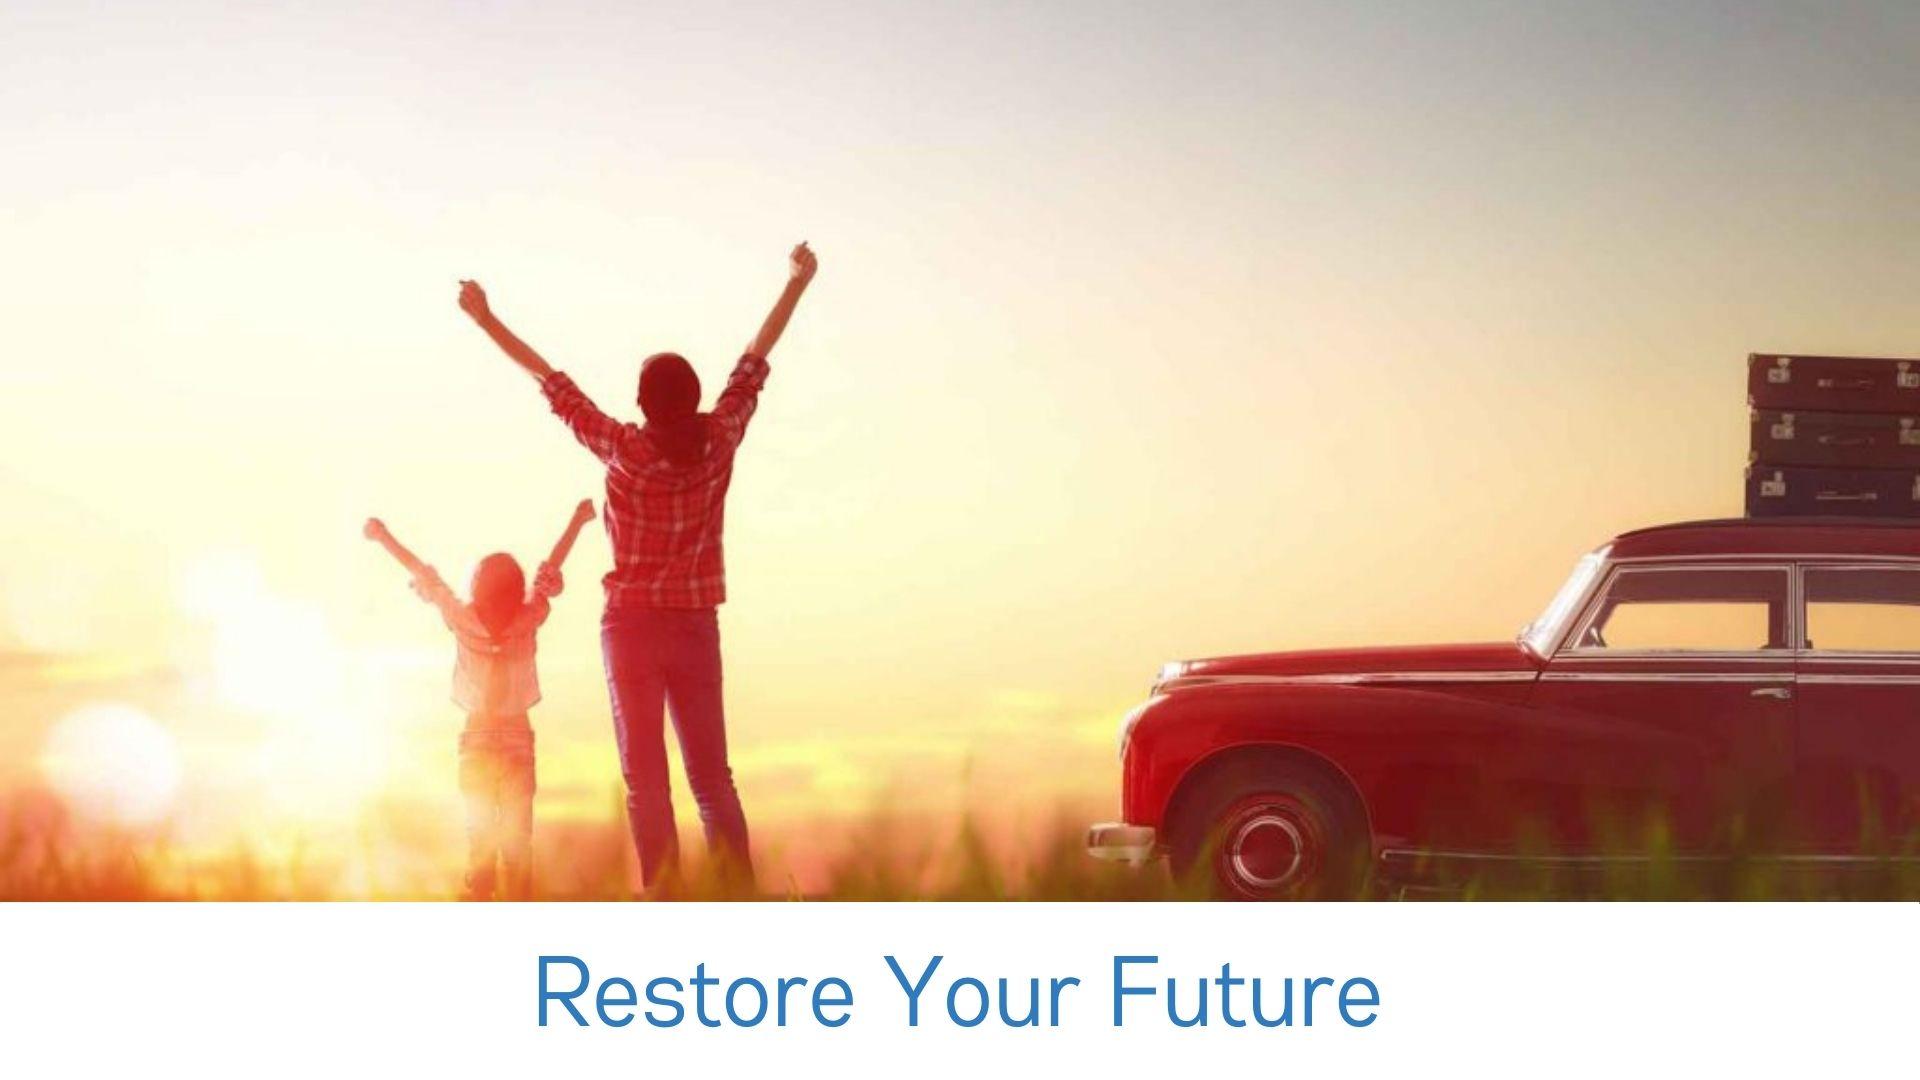 Restore Your Future